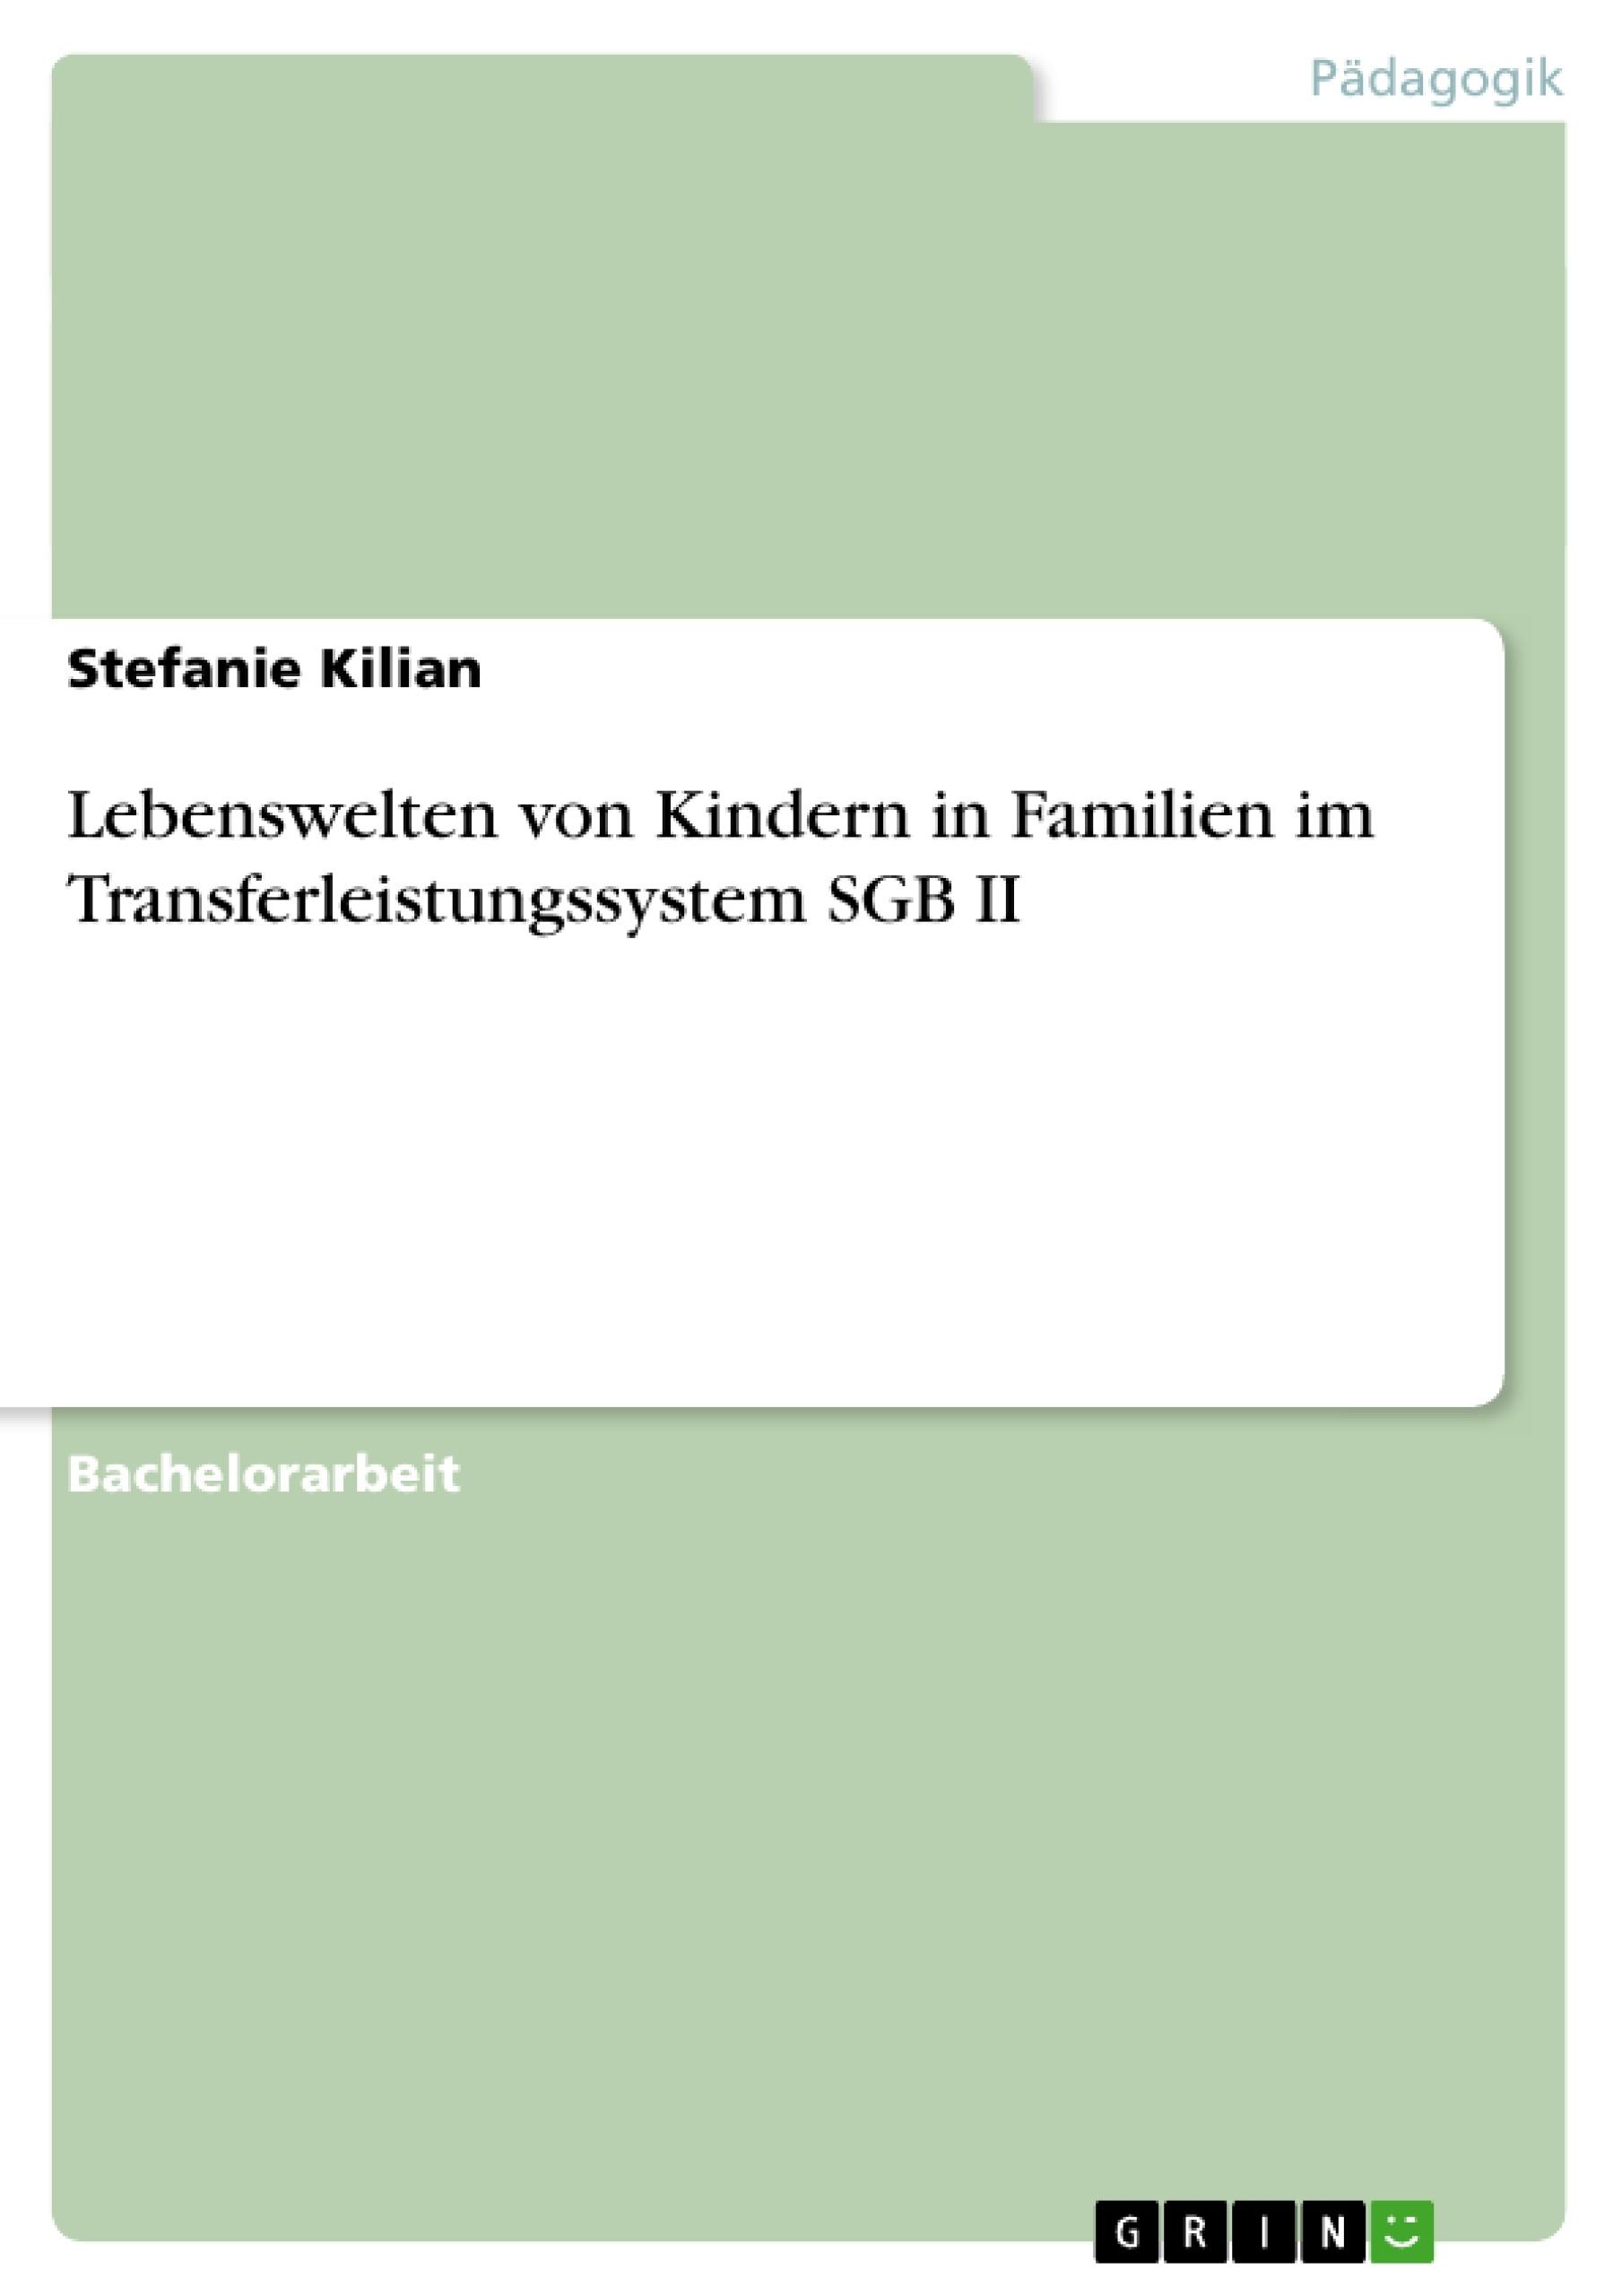 Titel: Lebenswelten von Kindern in Familien im Transferleistungssystem SGB II